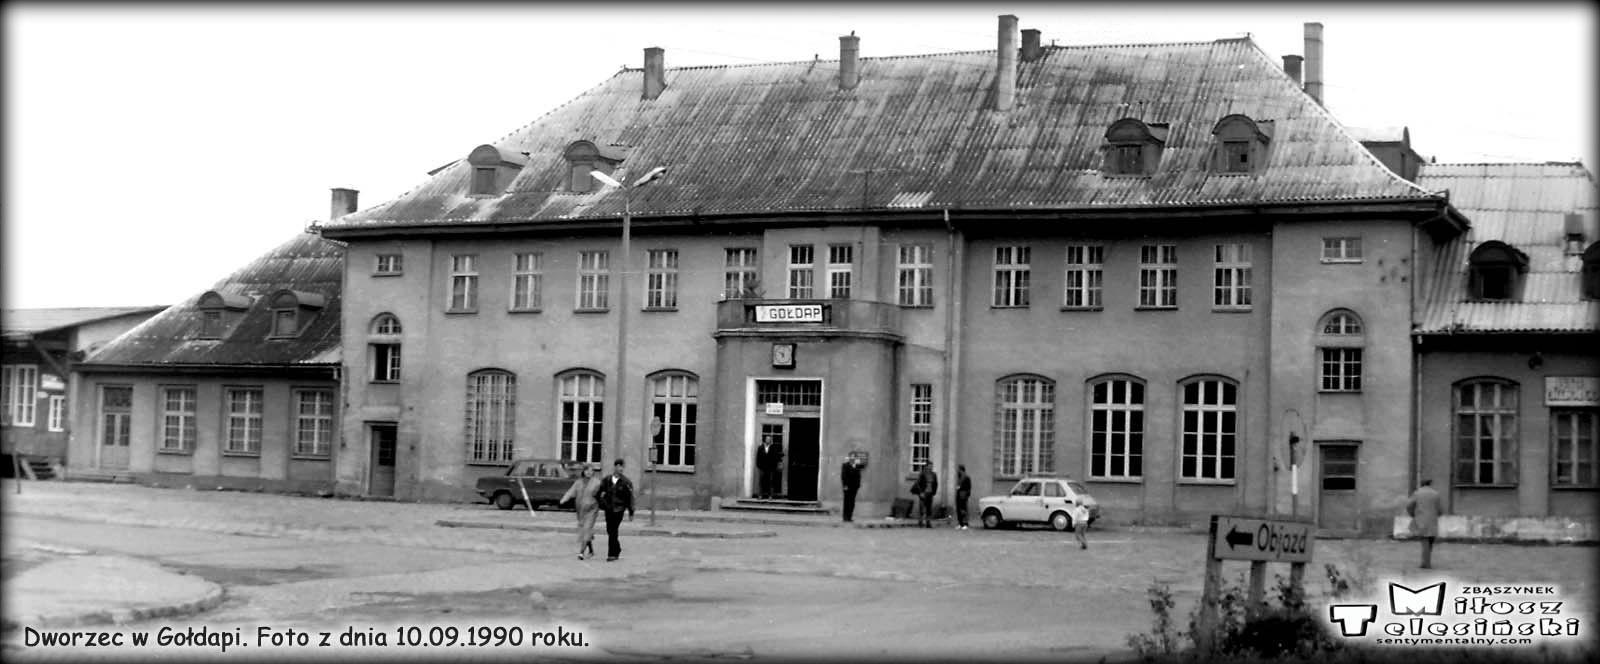 Dworzec w Gołdapi. Foto z dnia 10.09.1990 roku.